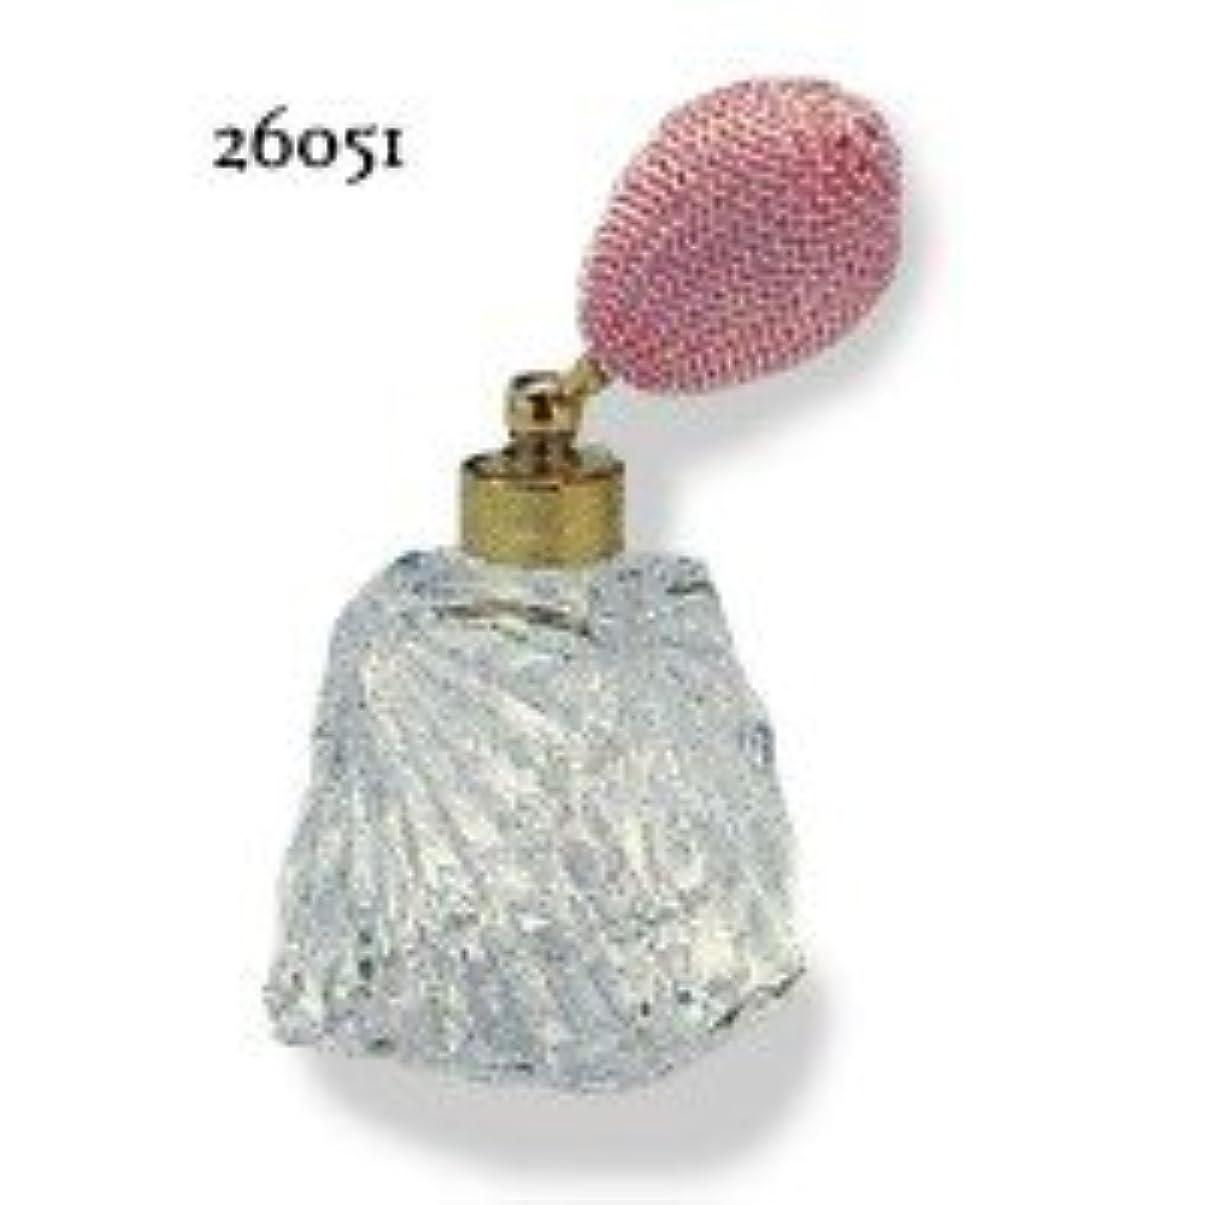 パターンセットアップリスナードイツ製クリスタル香水瓶リードクリスタル 短